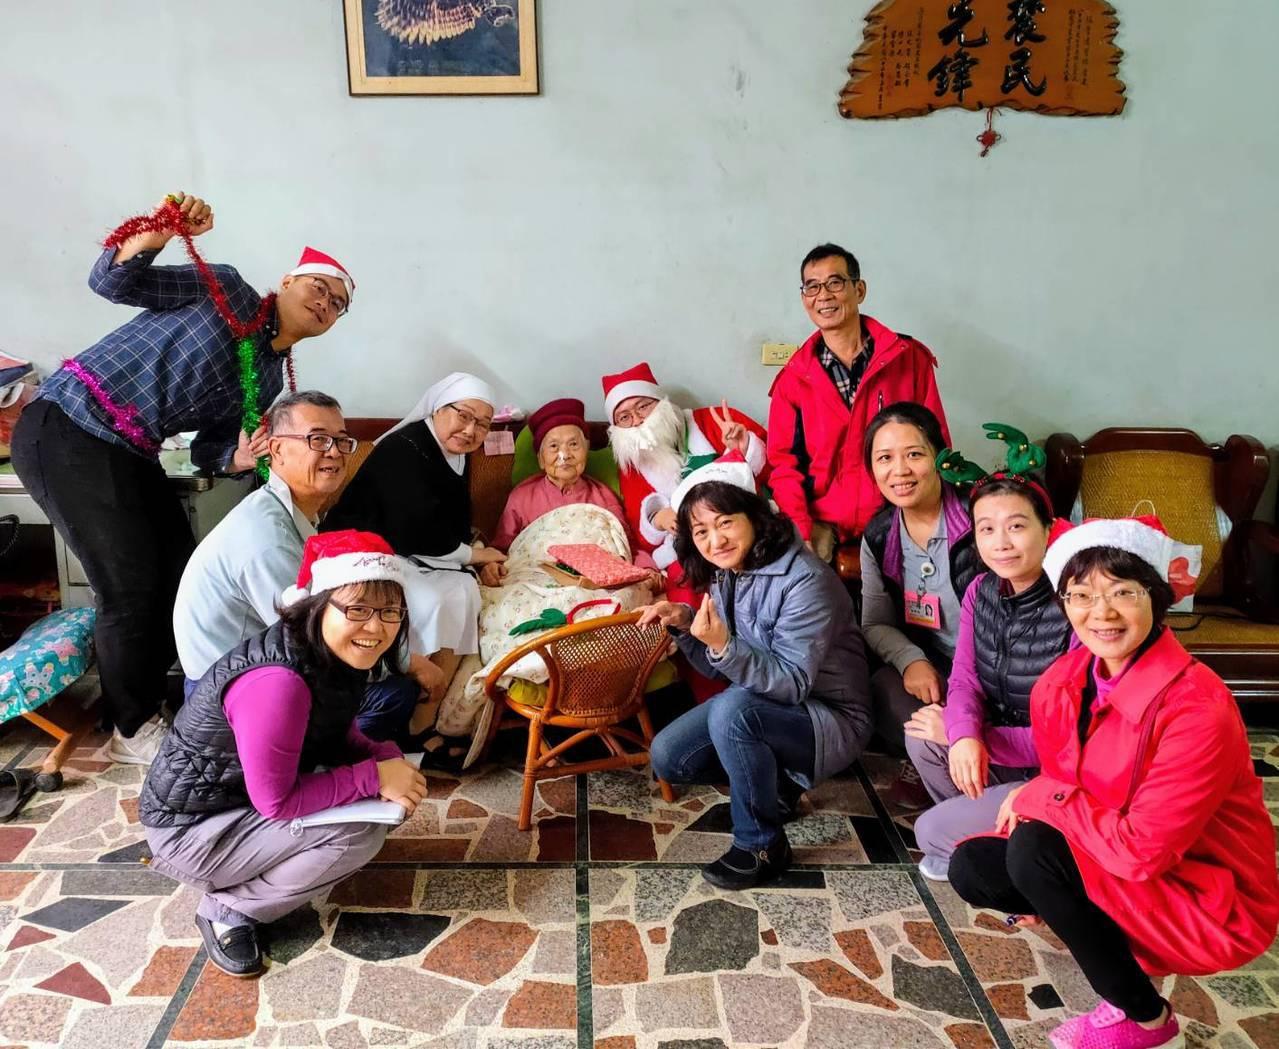 桃園市聖保祿醫院居家護理所歲末關懷聖誕報佳音團隊送暖。圖/桃園市聖保祿醫院提供